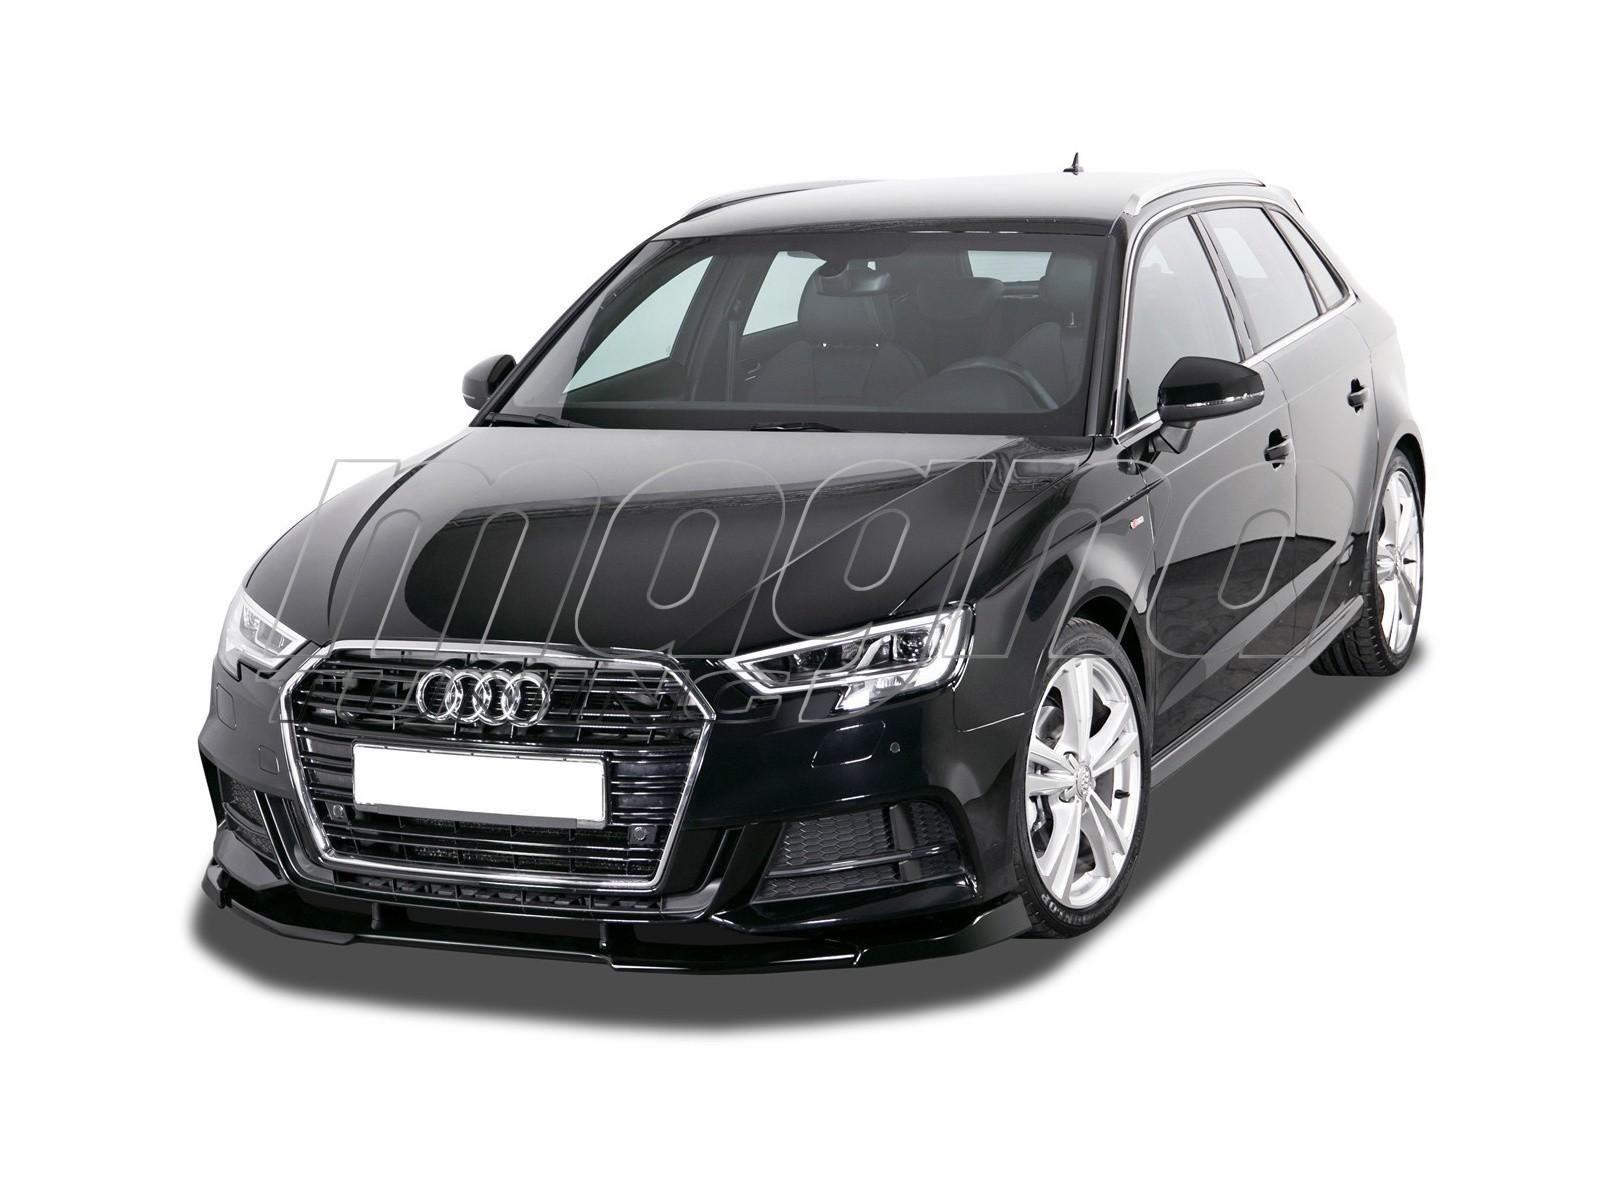 Audi A3 8V Facelift Extensie Bara Fata Veneo